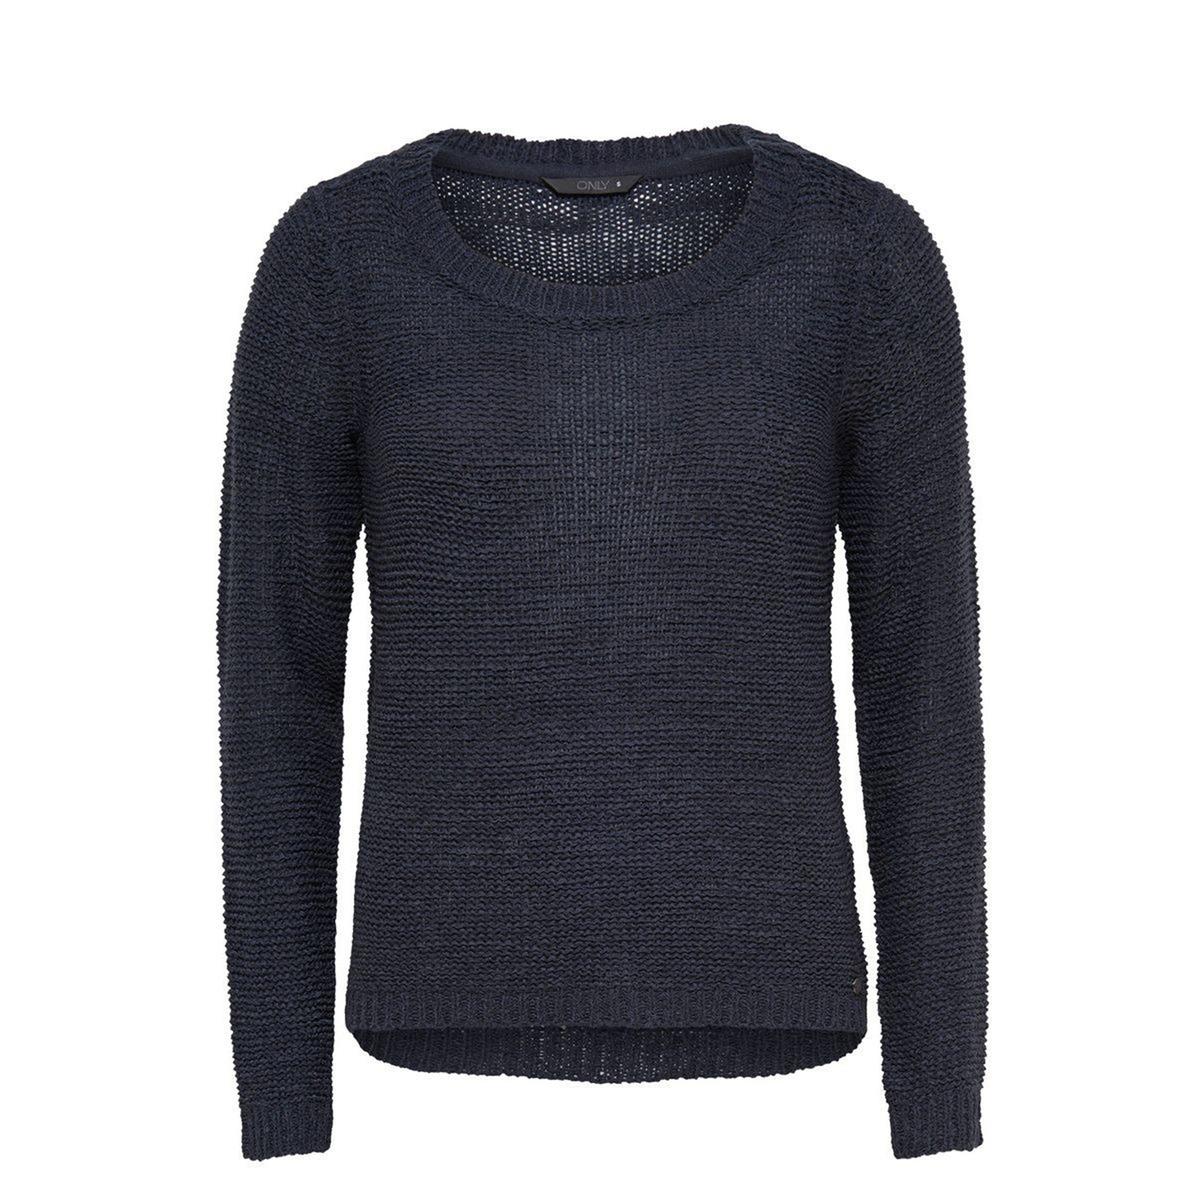 Пуловер La Redoute С вырезом-лодочкой из тонкого трикотажа XL синий пуловер la redoute с вырезом лодочкой из тонкого трикотажа m красный